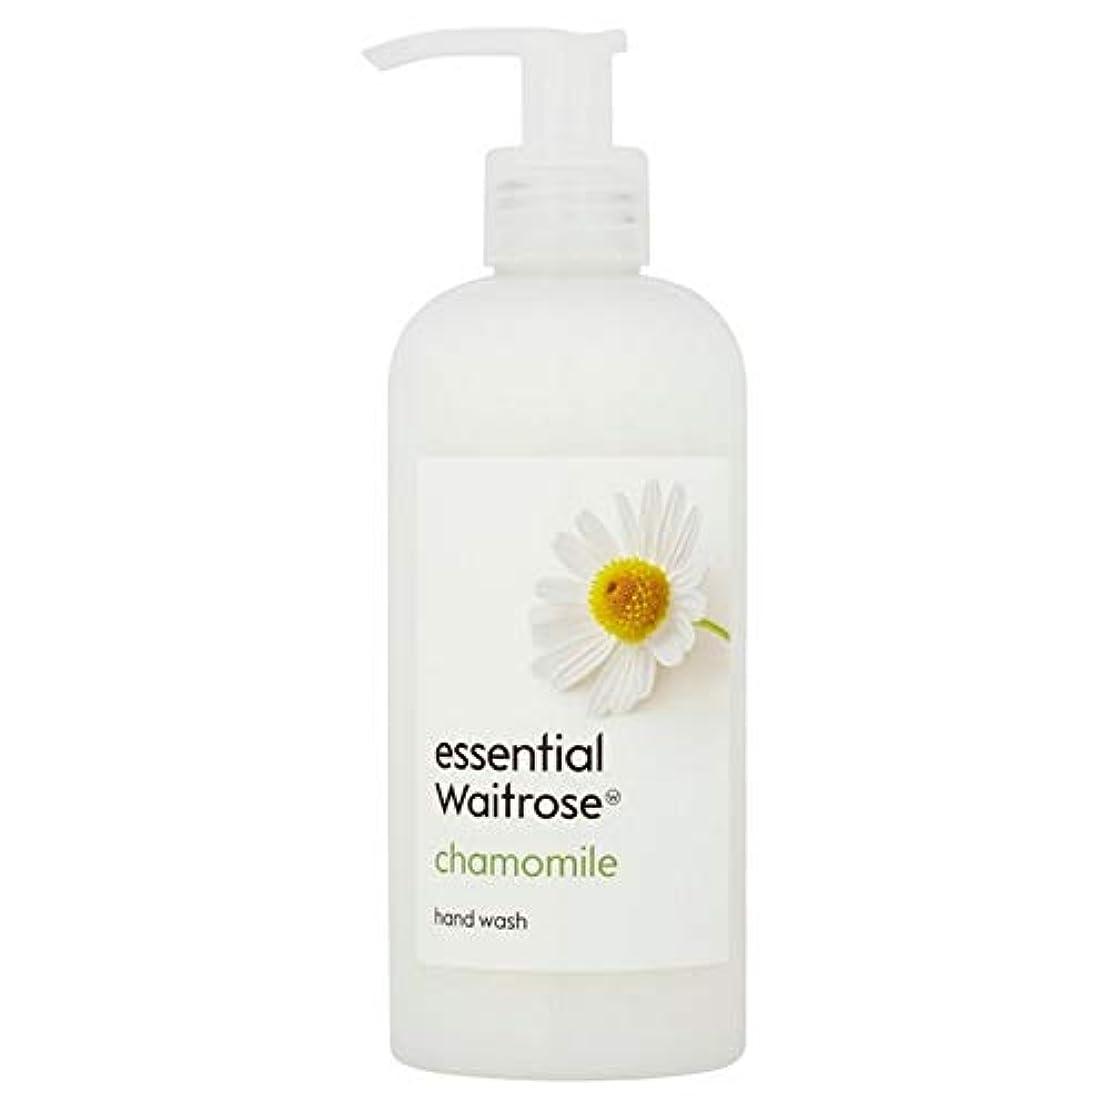 パンツ篭消費者[Waitrose ] 基本的なウェイトローズのハンドウォッシュカモミール300ミリリットル - Essential Waitrose Hand Wash Chamomile 300ml [並行輸入品]